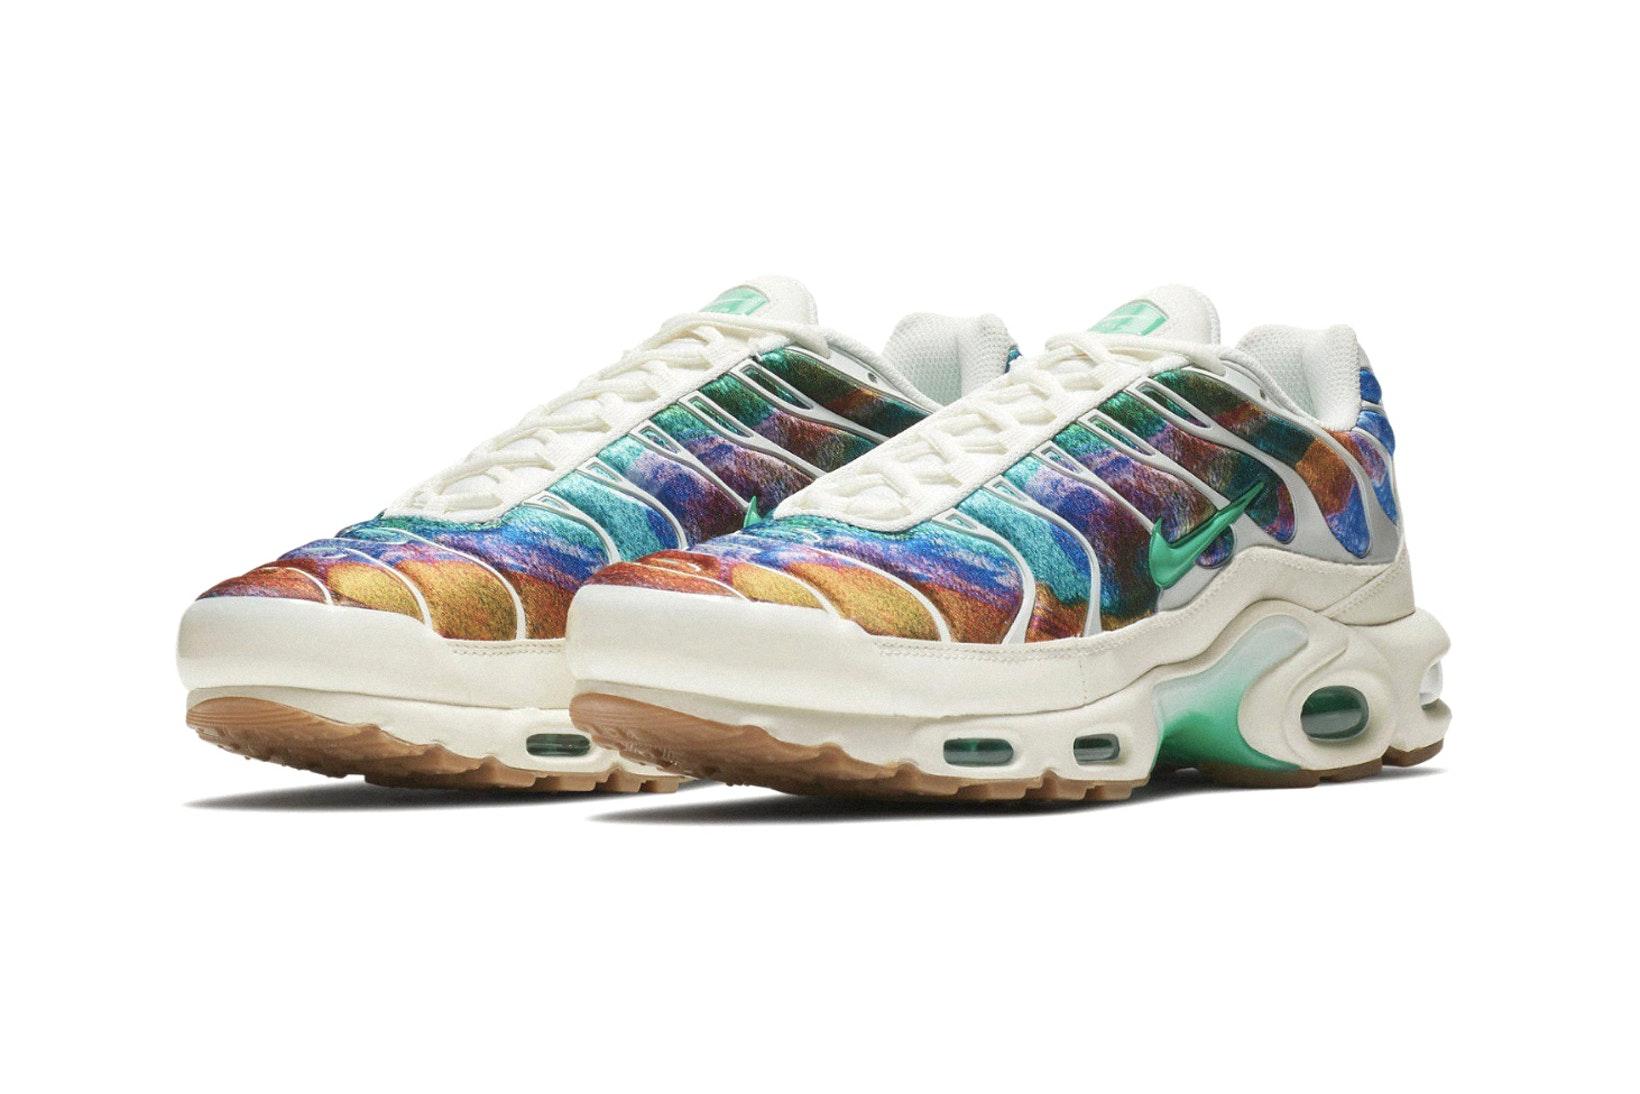 best authentic 2cd92 cba02 Preview  Nike Air Max Plus Multicolor Prints - Le Site de la Sneaker